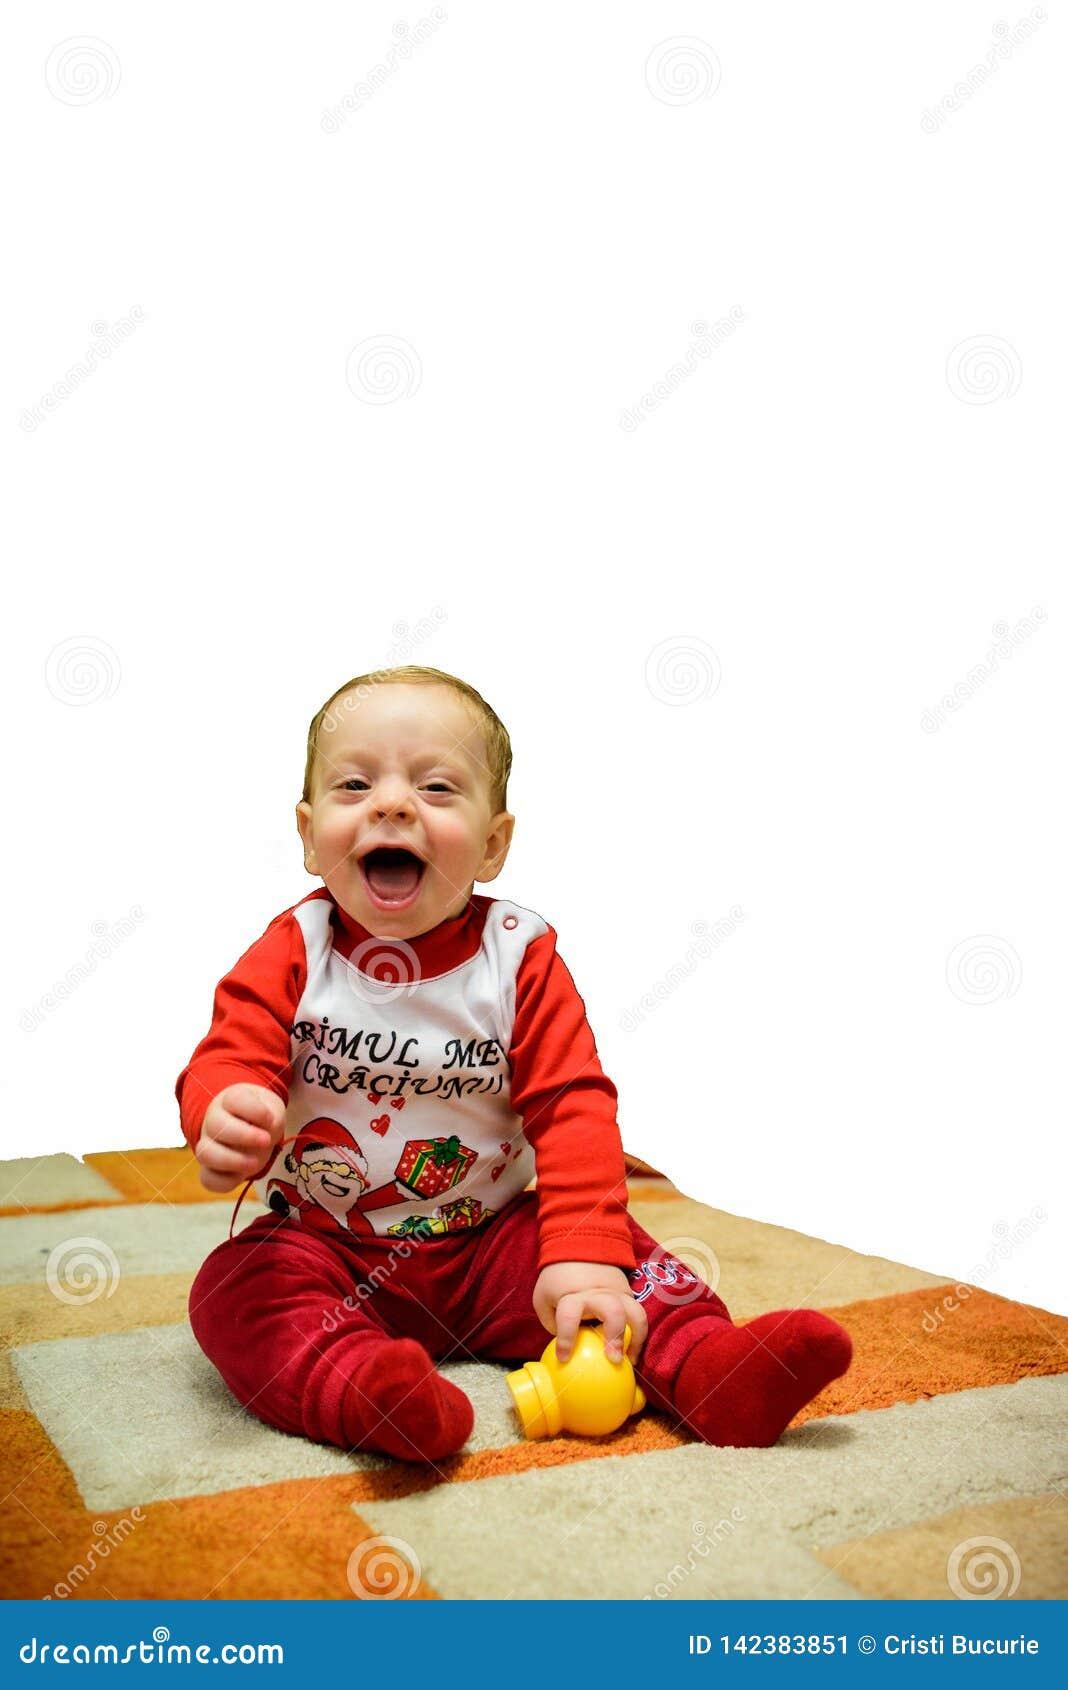 Toddler Glückliches Kind Lächelnder blonder Junge bereit zu spielen Getrennt